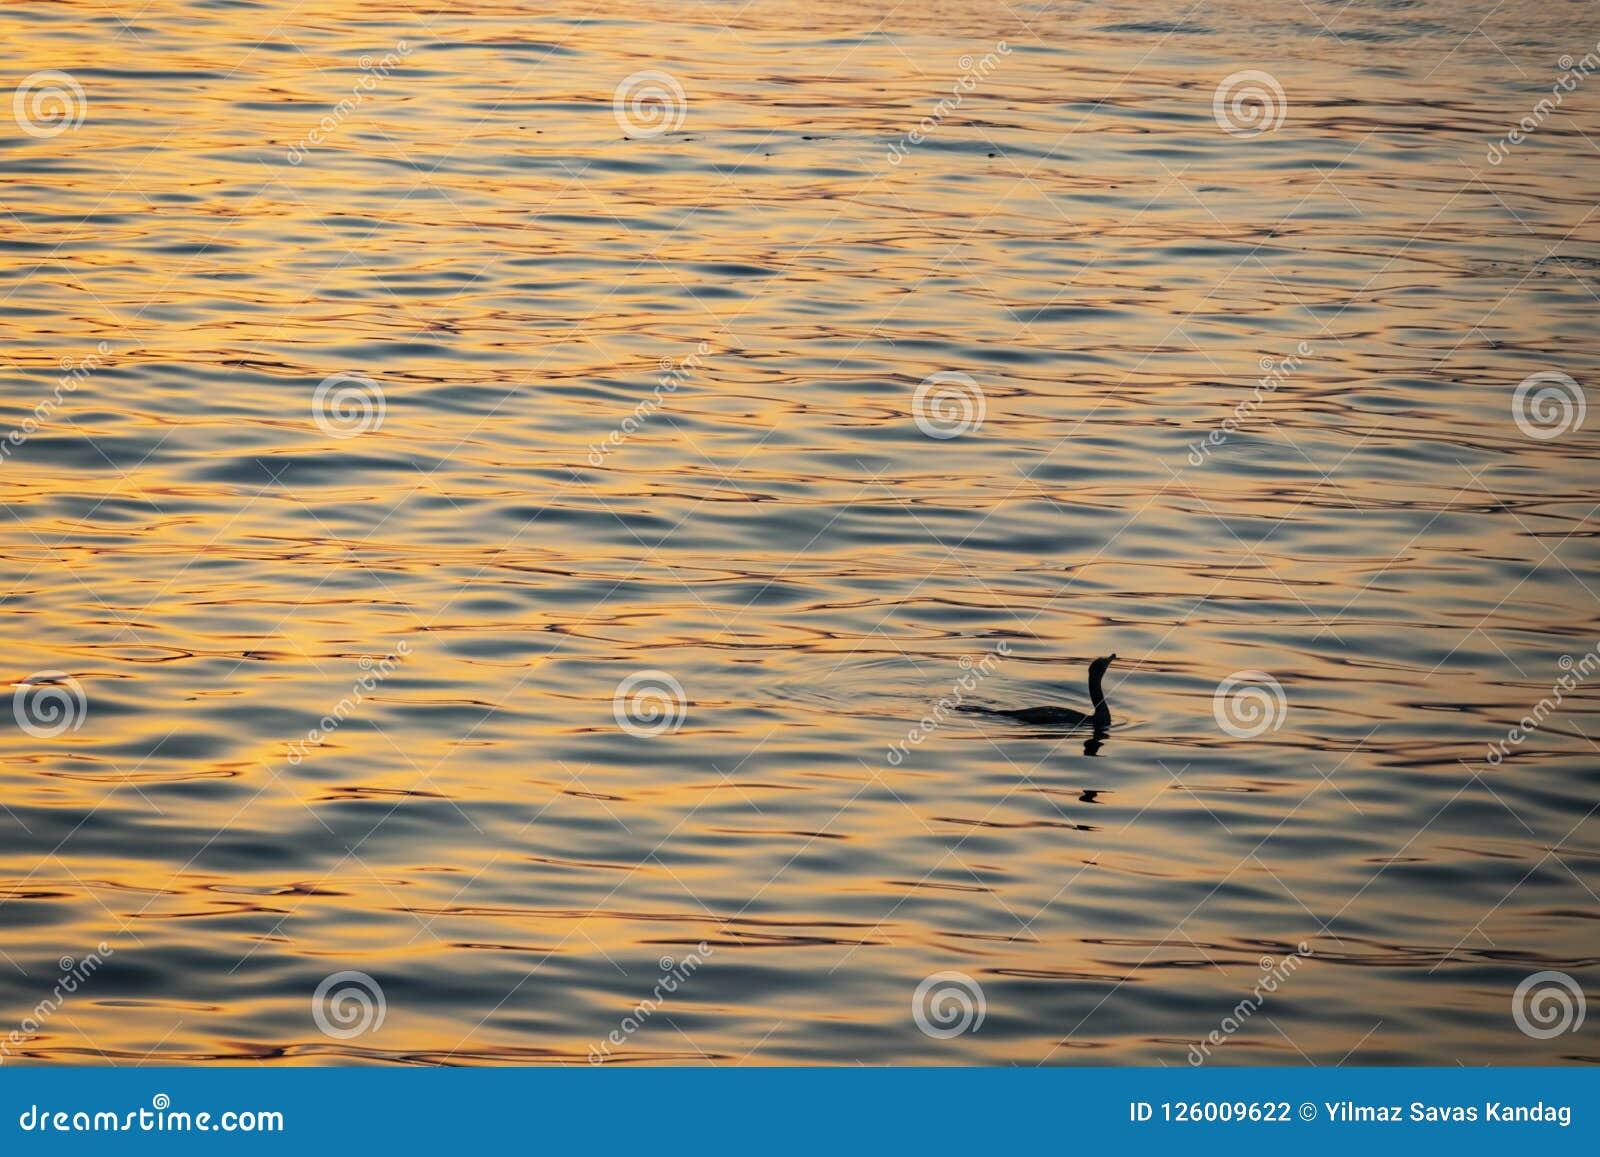 Bezinning van de zon in het water en de aalscholver in het overzees